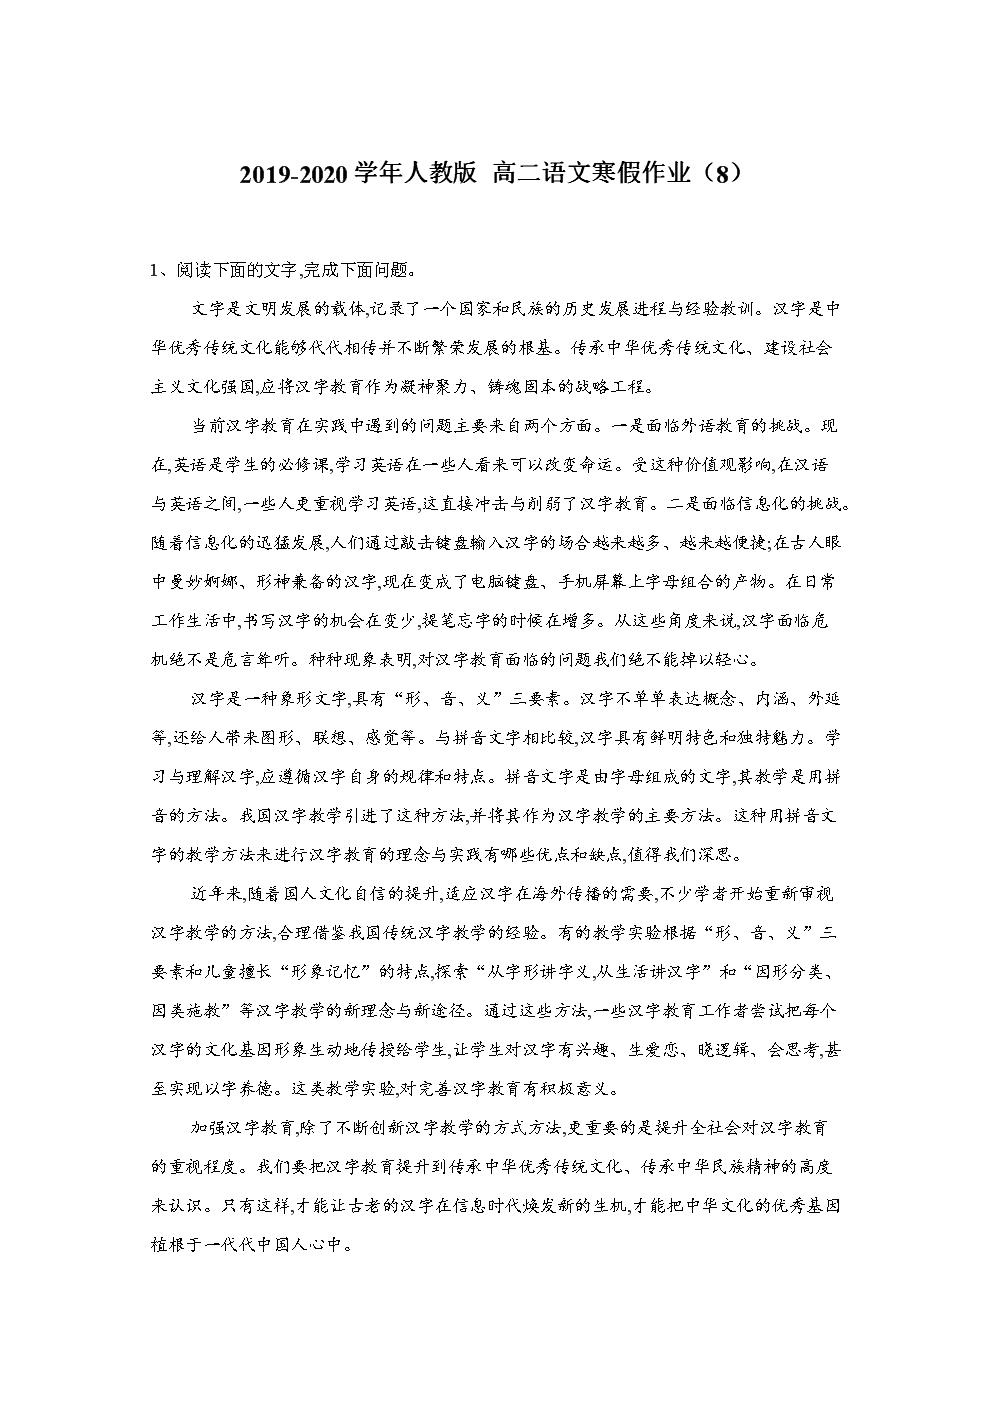 2019-2020学年人教版 高二语文寒假作业(8) Word版含答案.doc